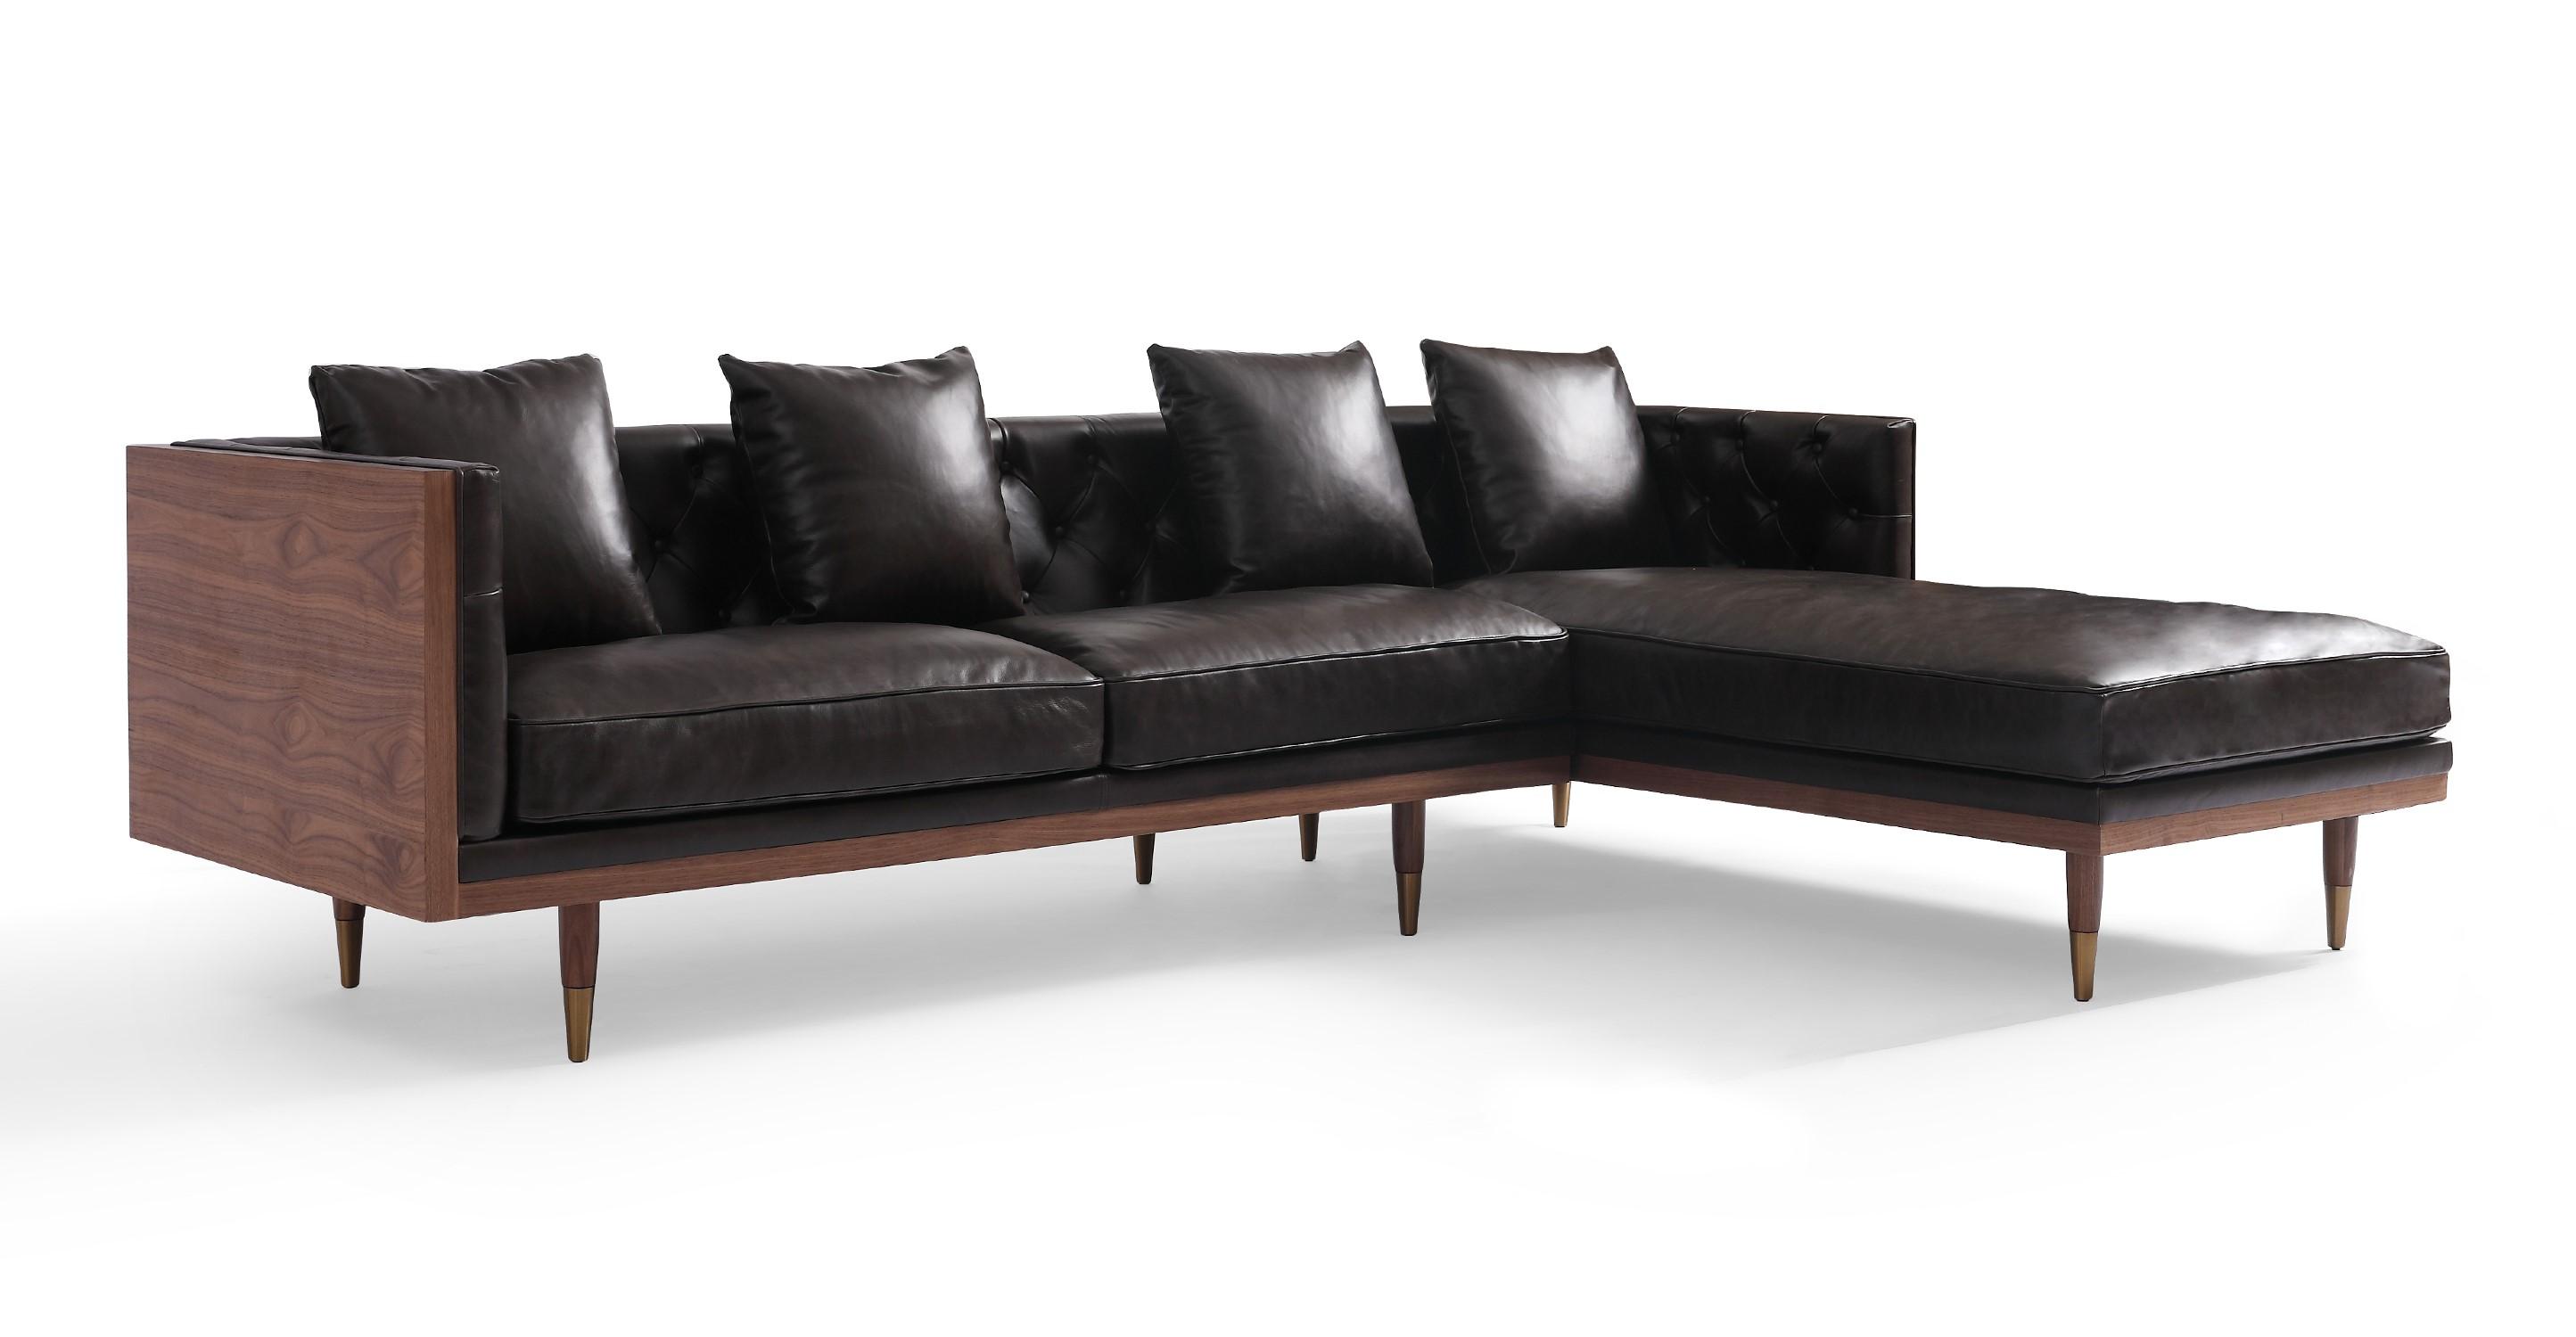 """Woodrow Neo 99"""" Leather Sofa Sectional Right, Walnut/Saddle Black"""